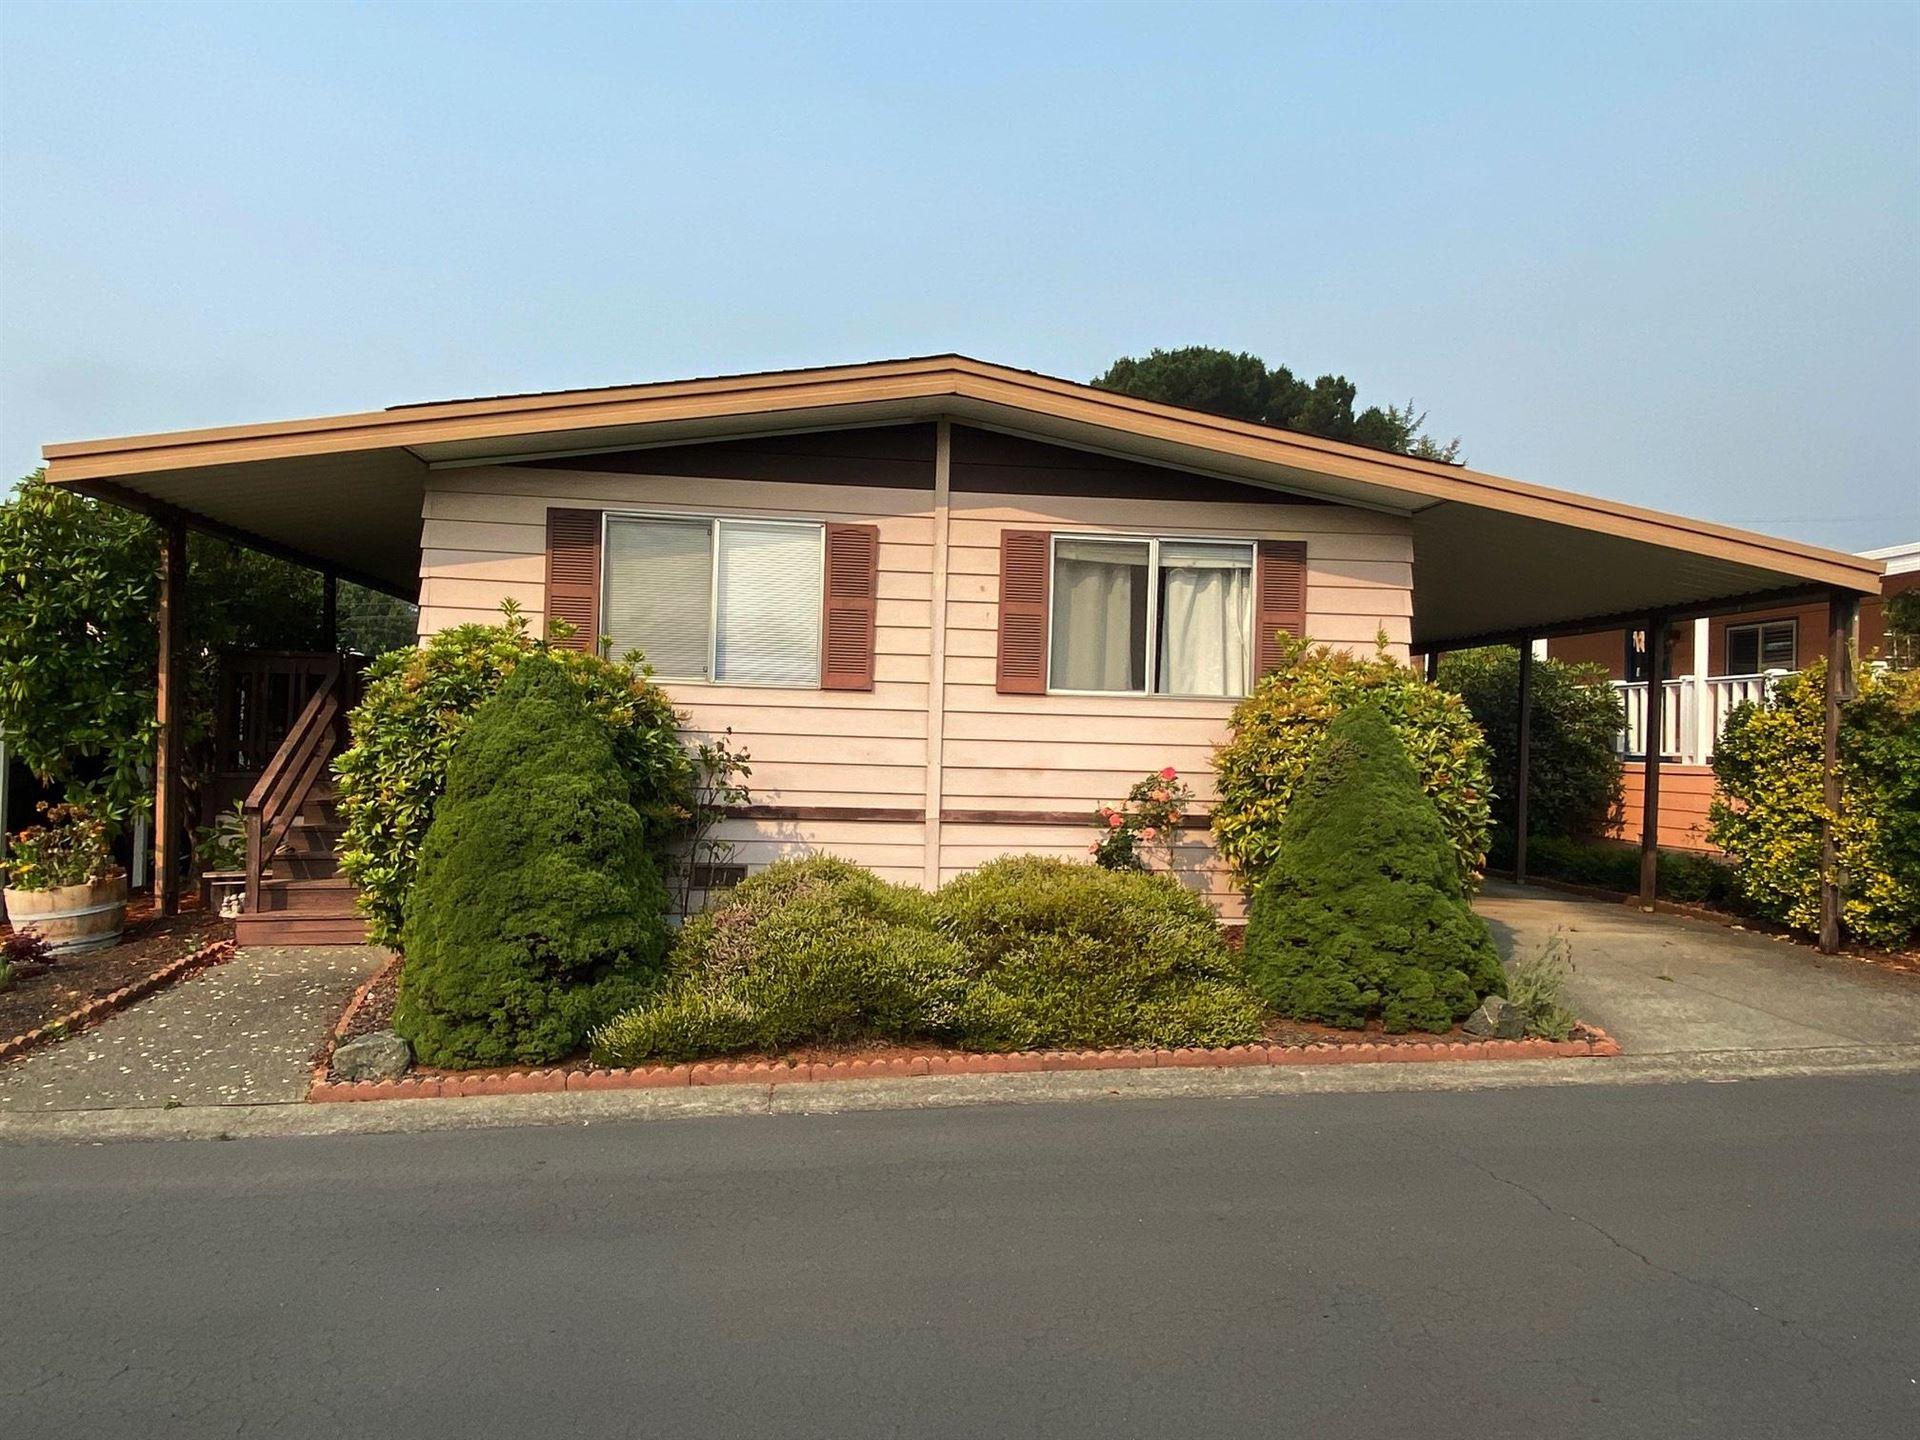 1090 Murray #4 Road, McKinleyville, CA 95519 - MLS#: 257528